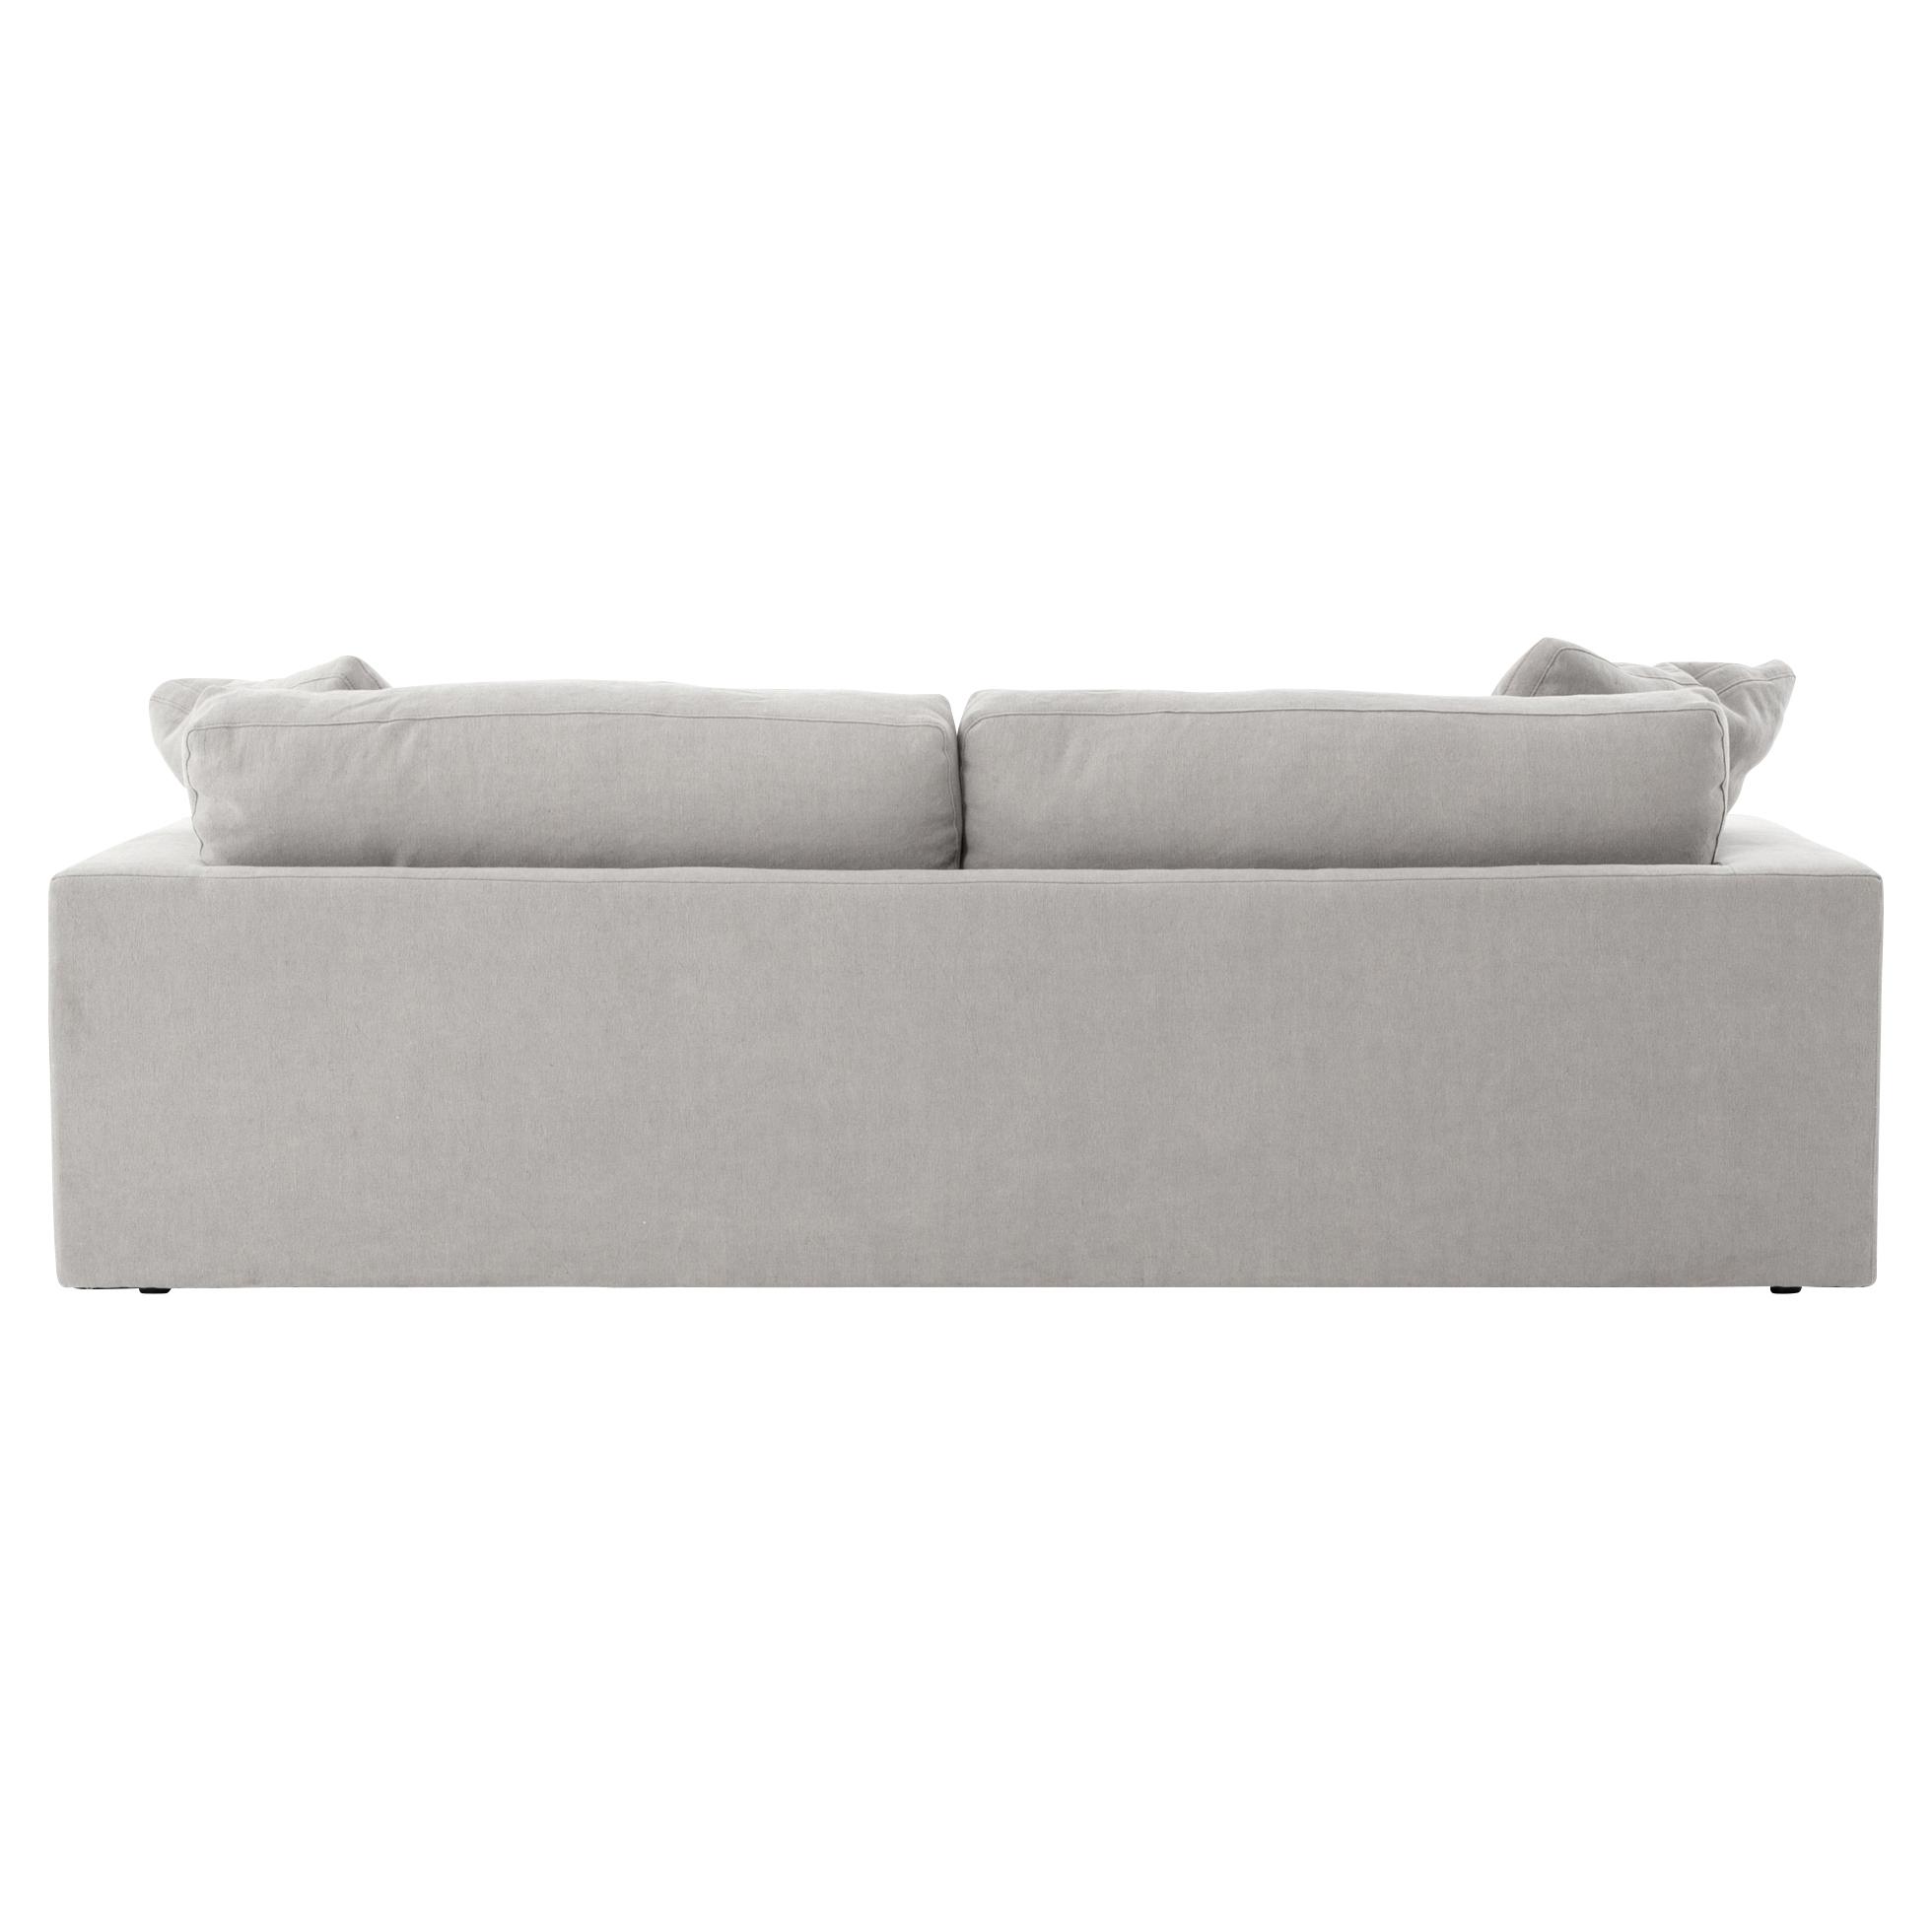 Macklin Modern Loft Block Arm Pewter Grey Sofa